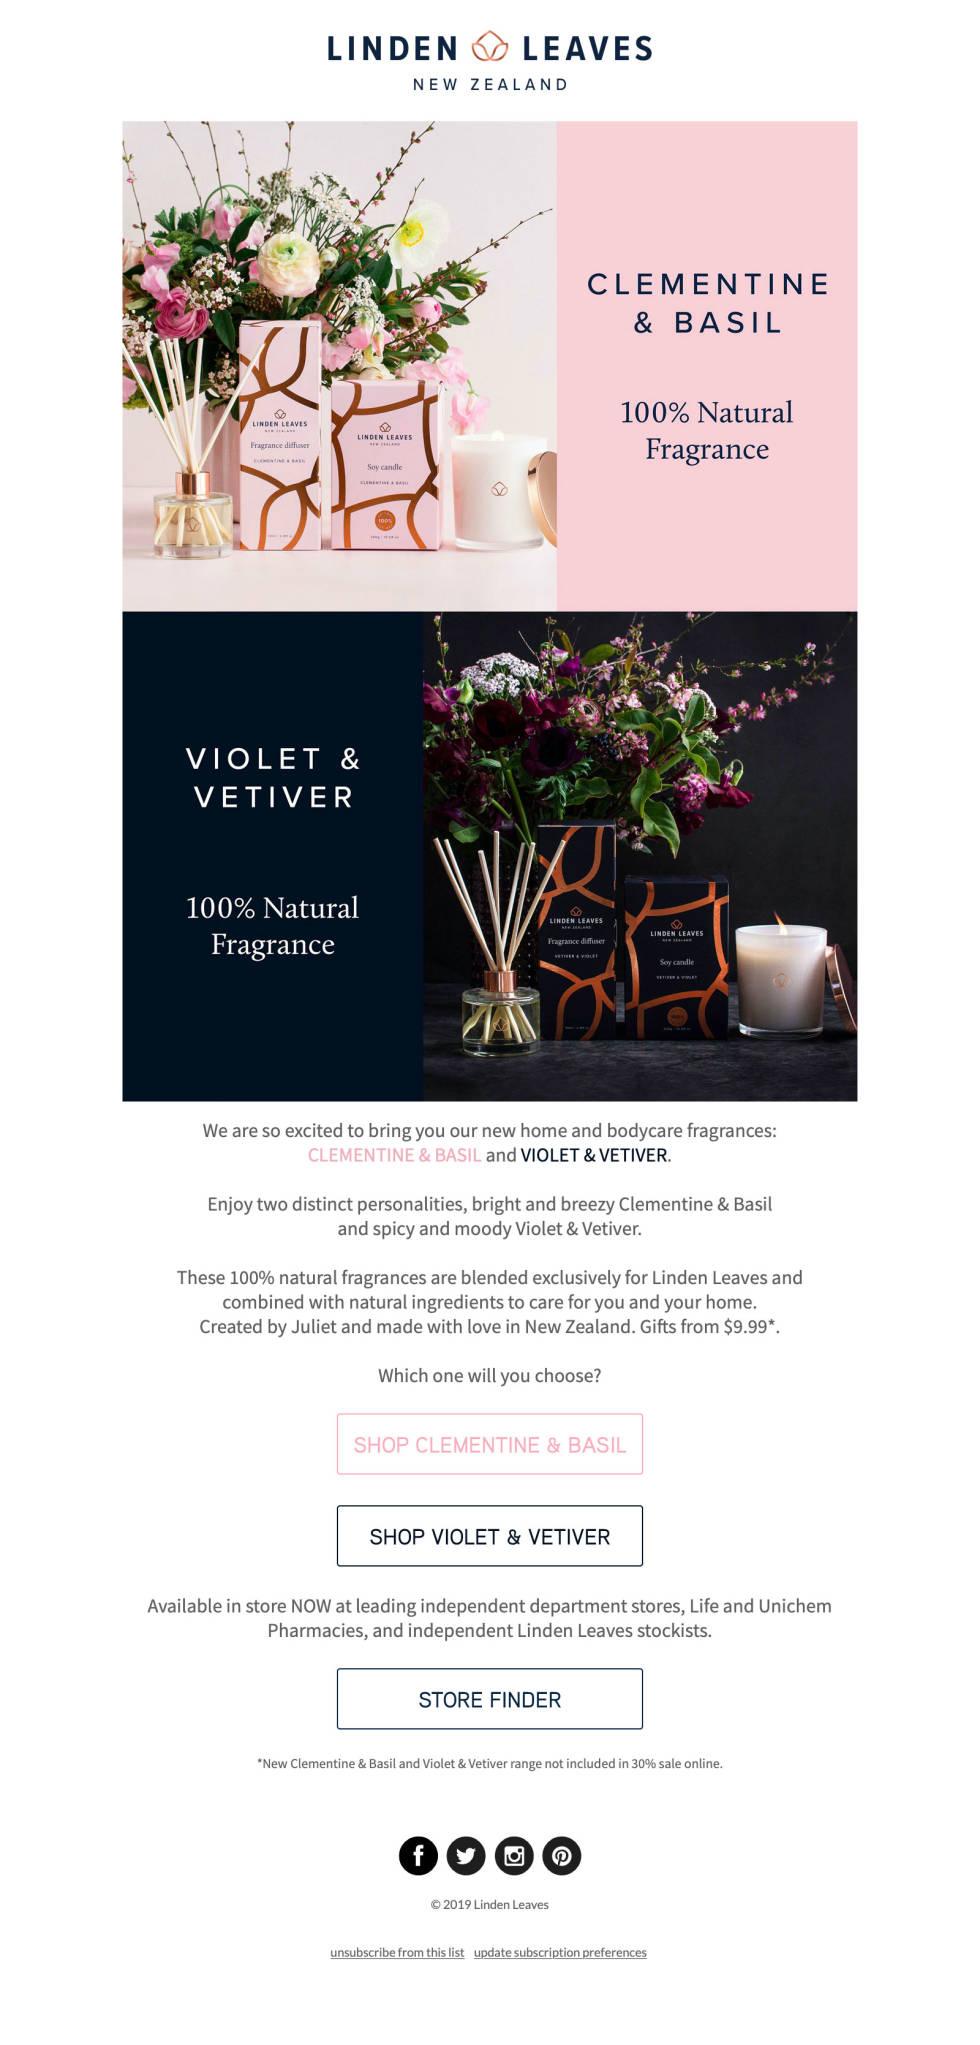 Image of linden leaves newsletter